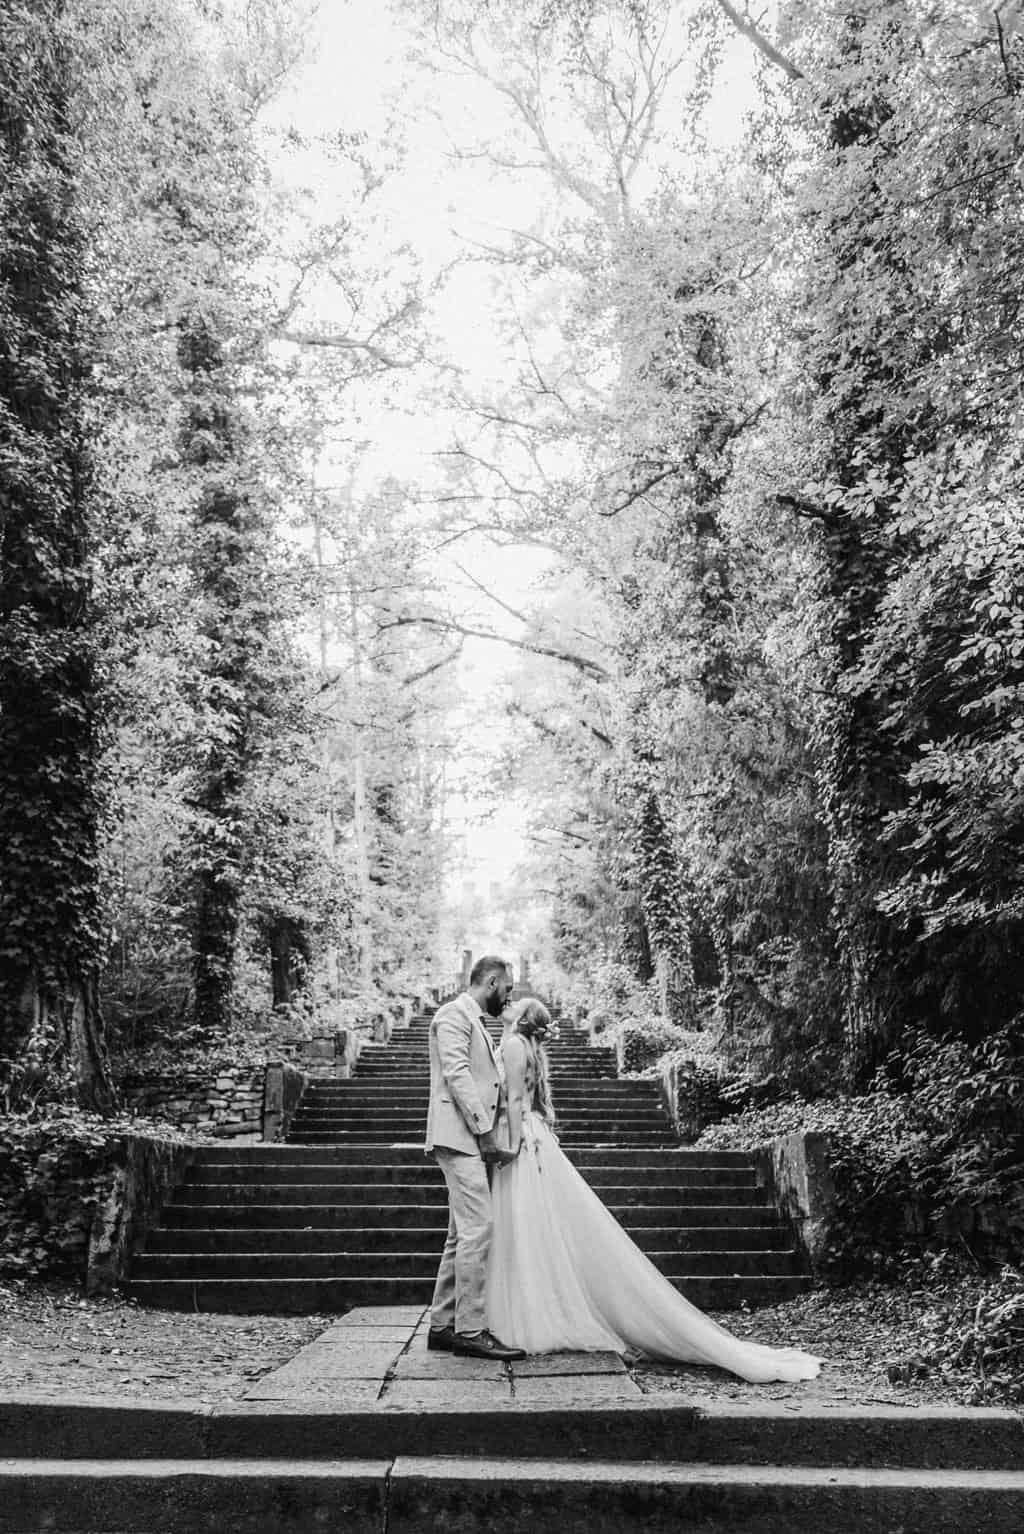 130 matrimonio gradinata frassanelle Perchè un carabiniere si sposa in divisa? Matrimonio a Frassanelle